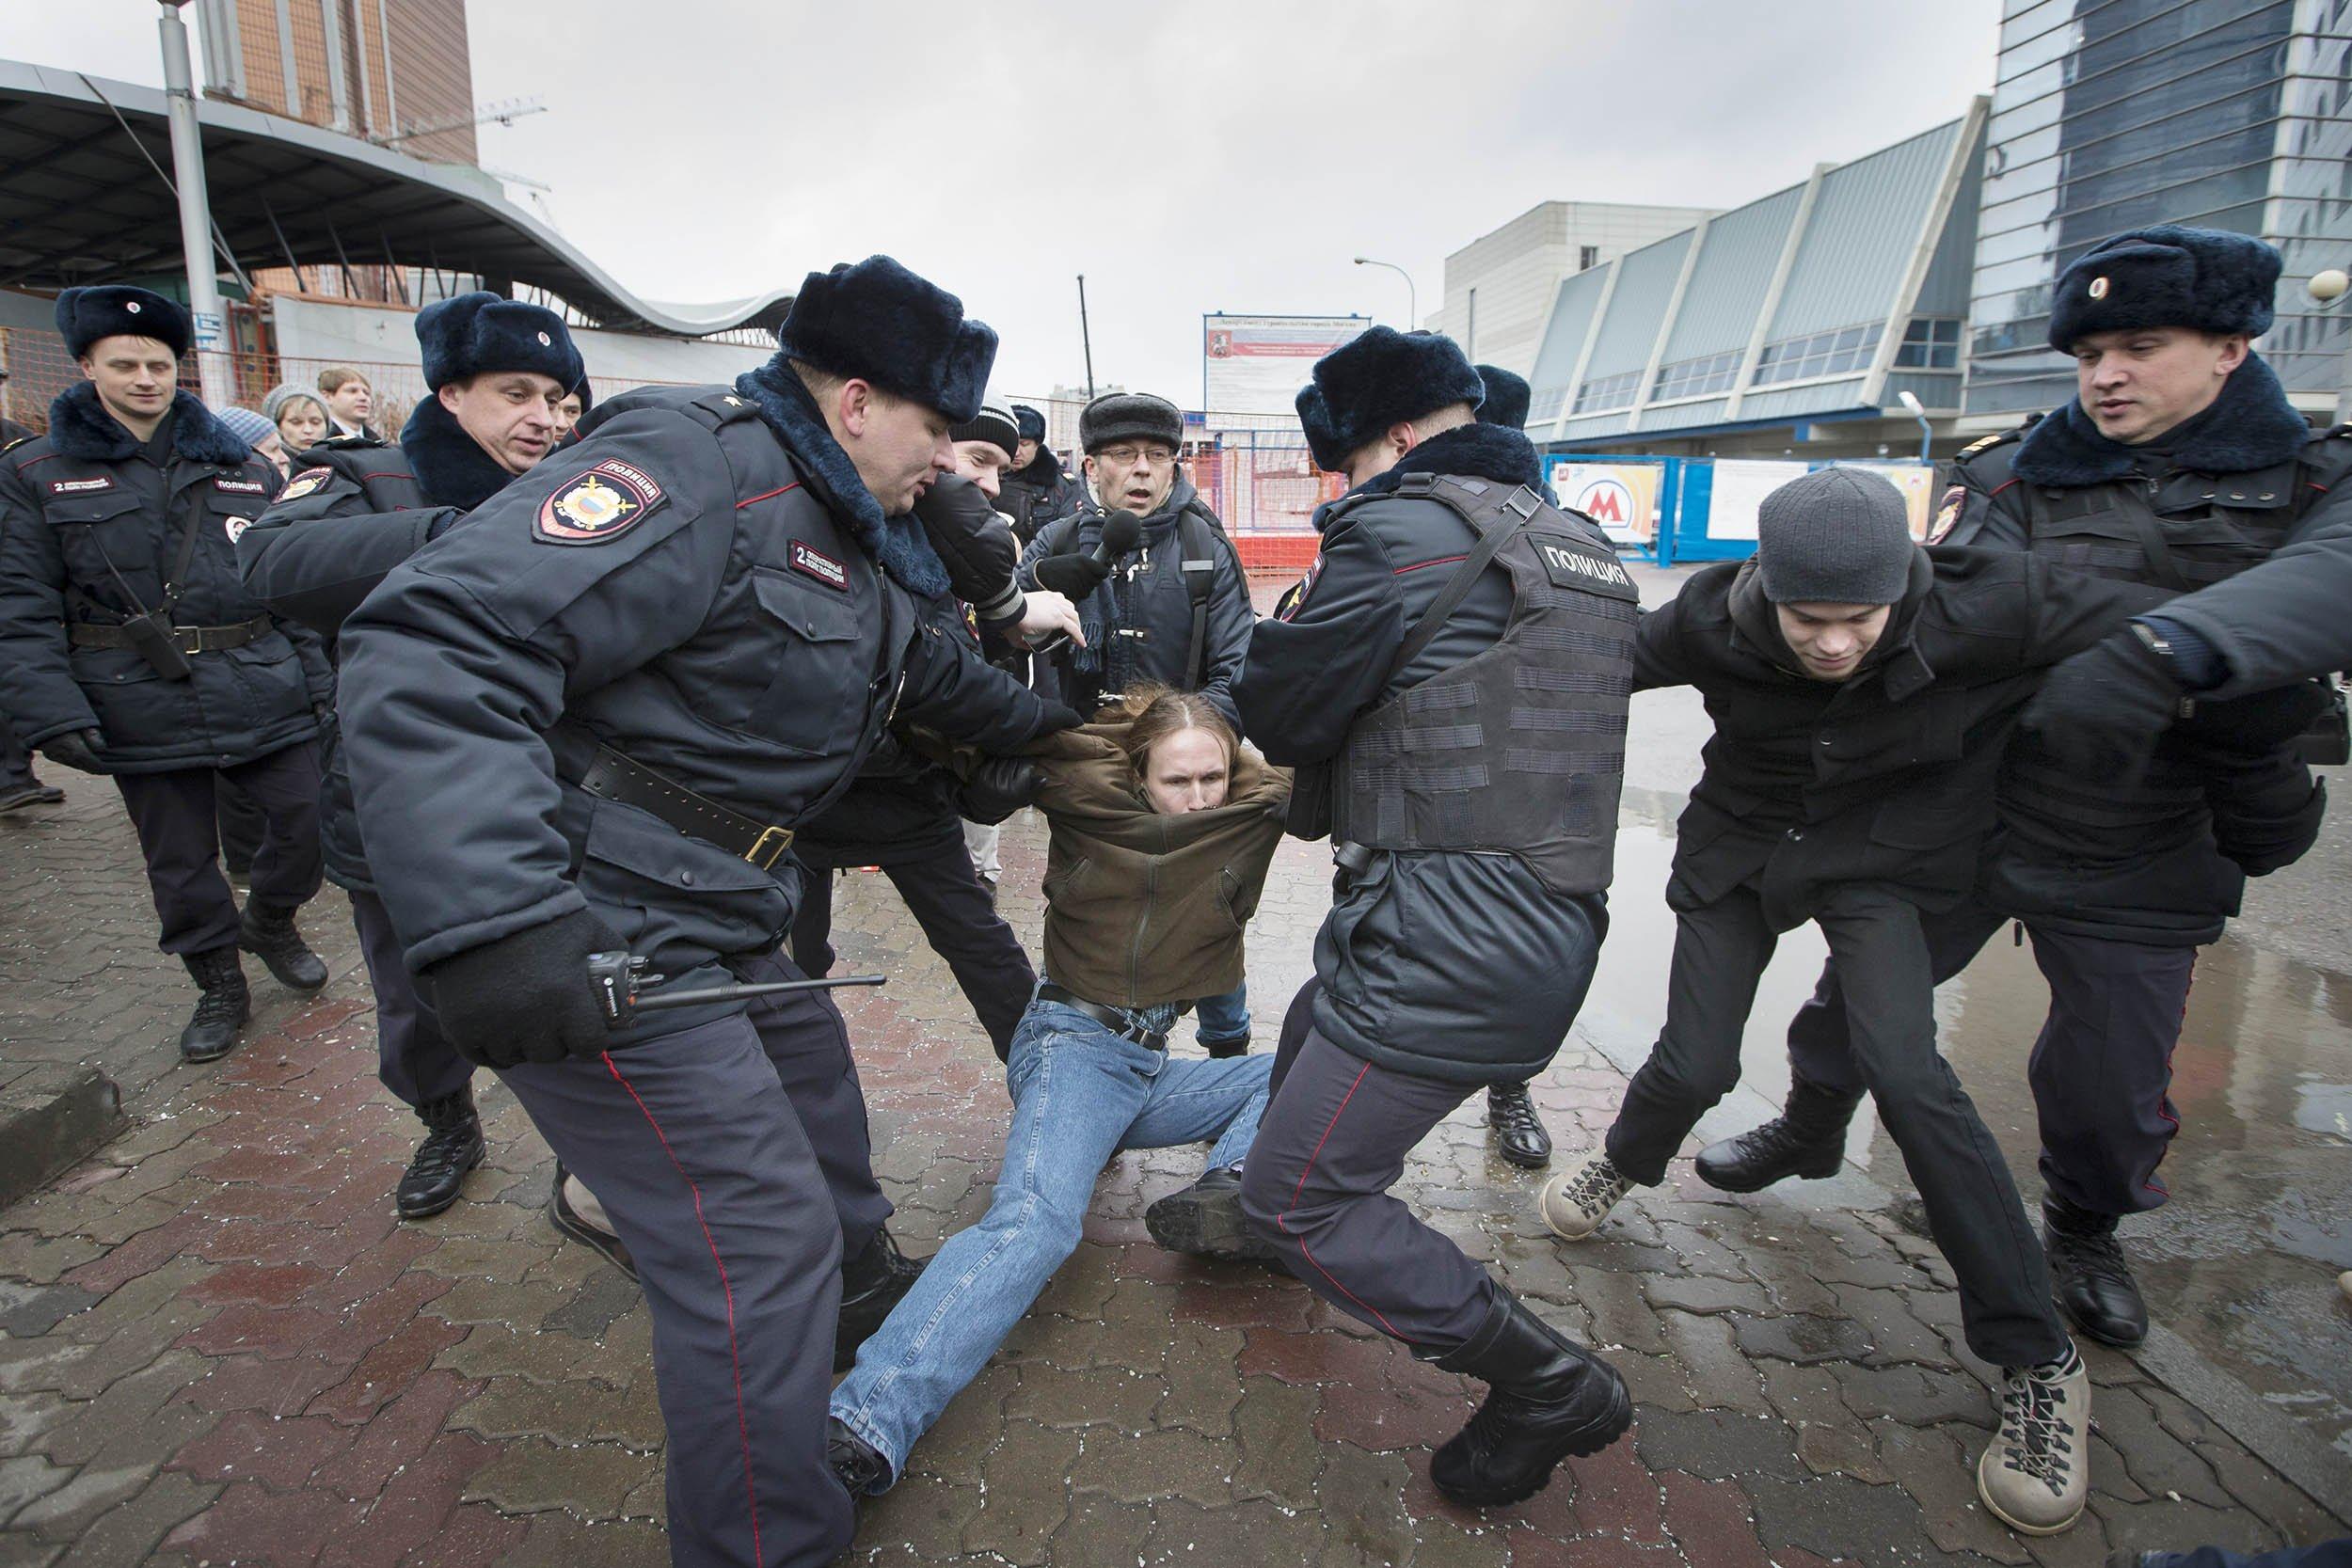 12_26_RussiaMeltdown_03